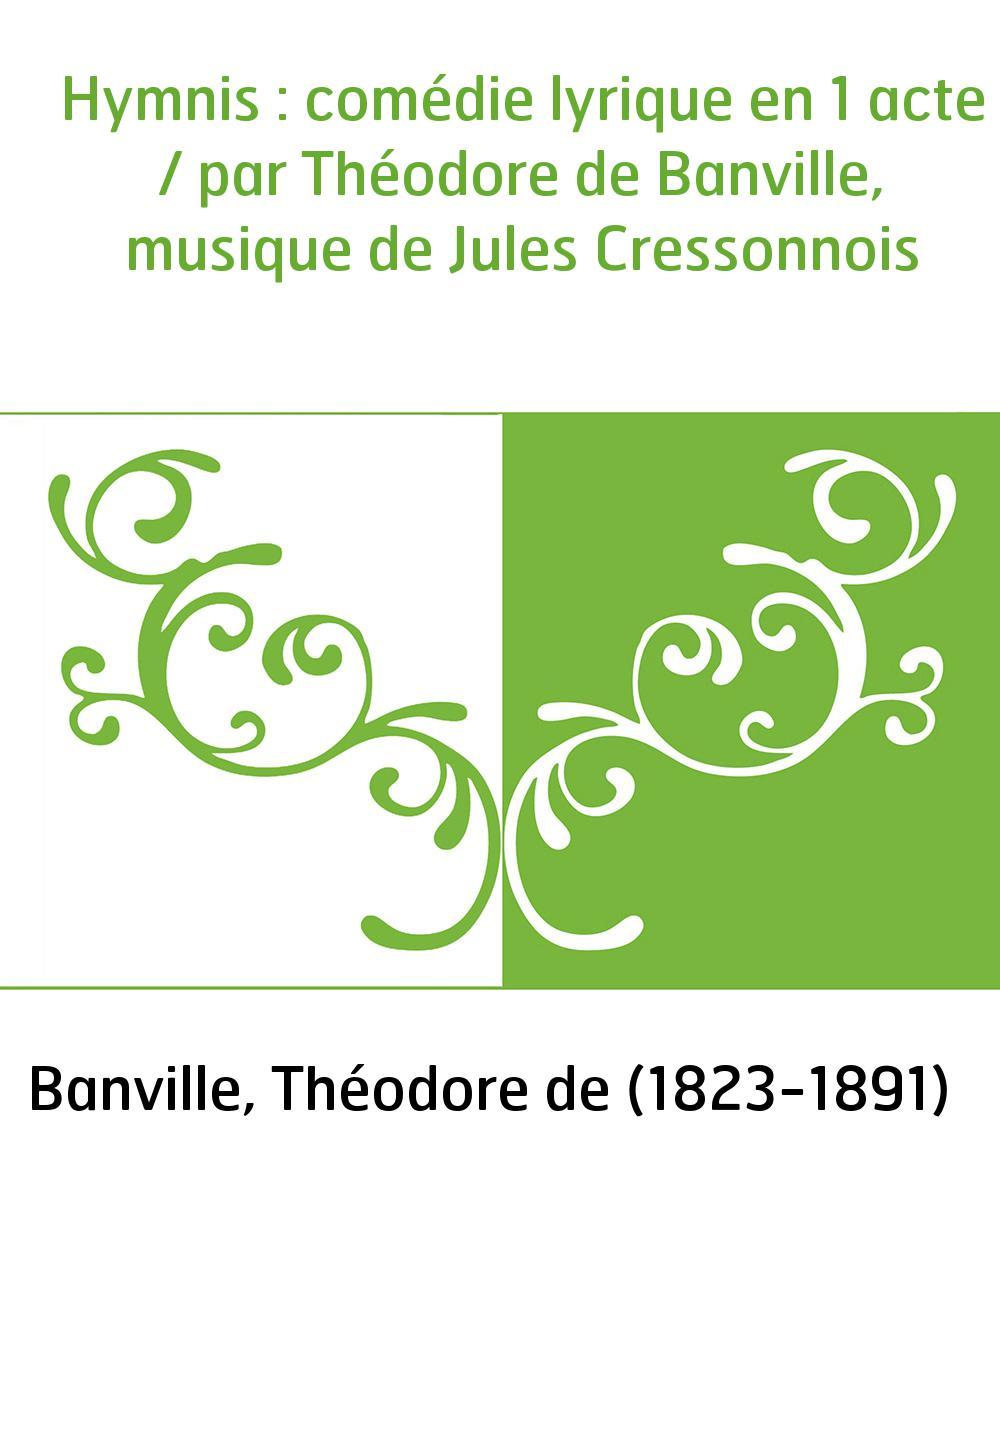 Hymnis : comédie lyrique en 1 acte / par Théodore de Banville, musique de Jules Cressonnois